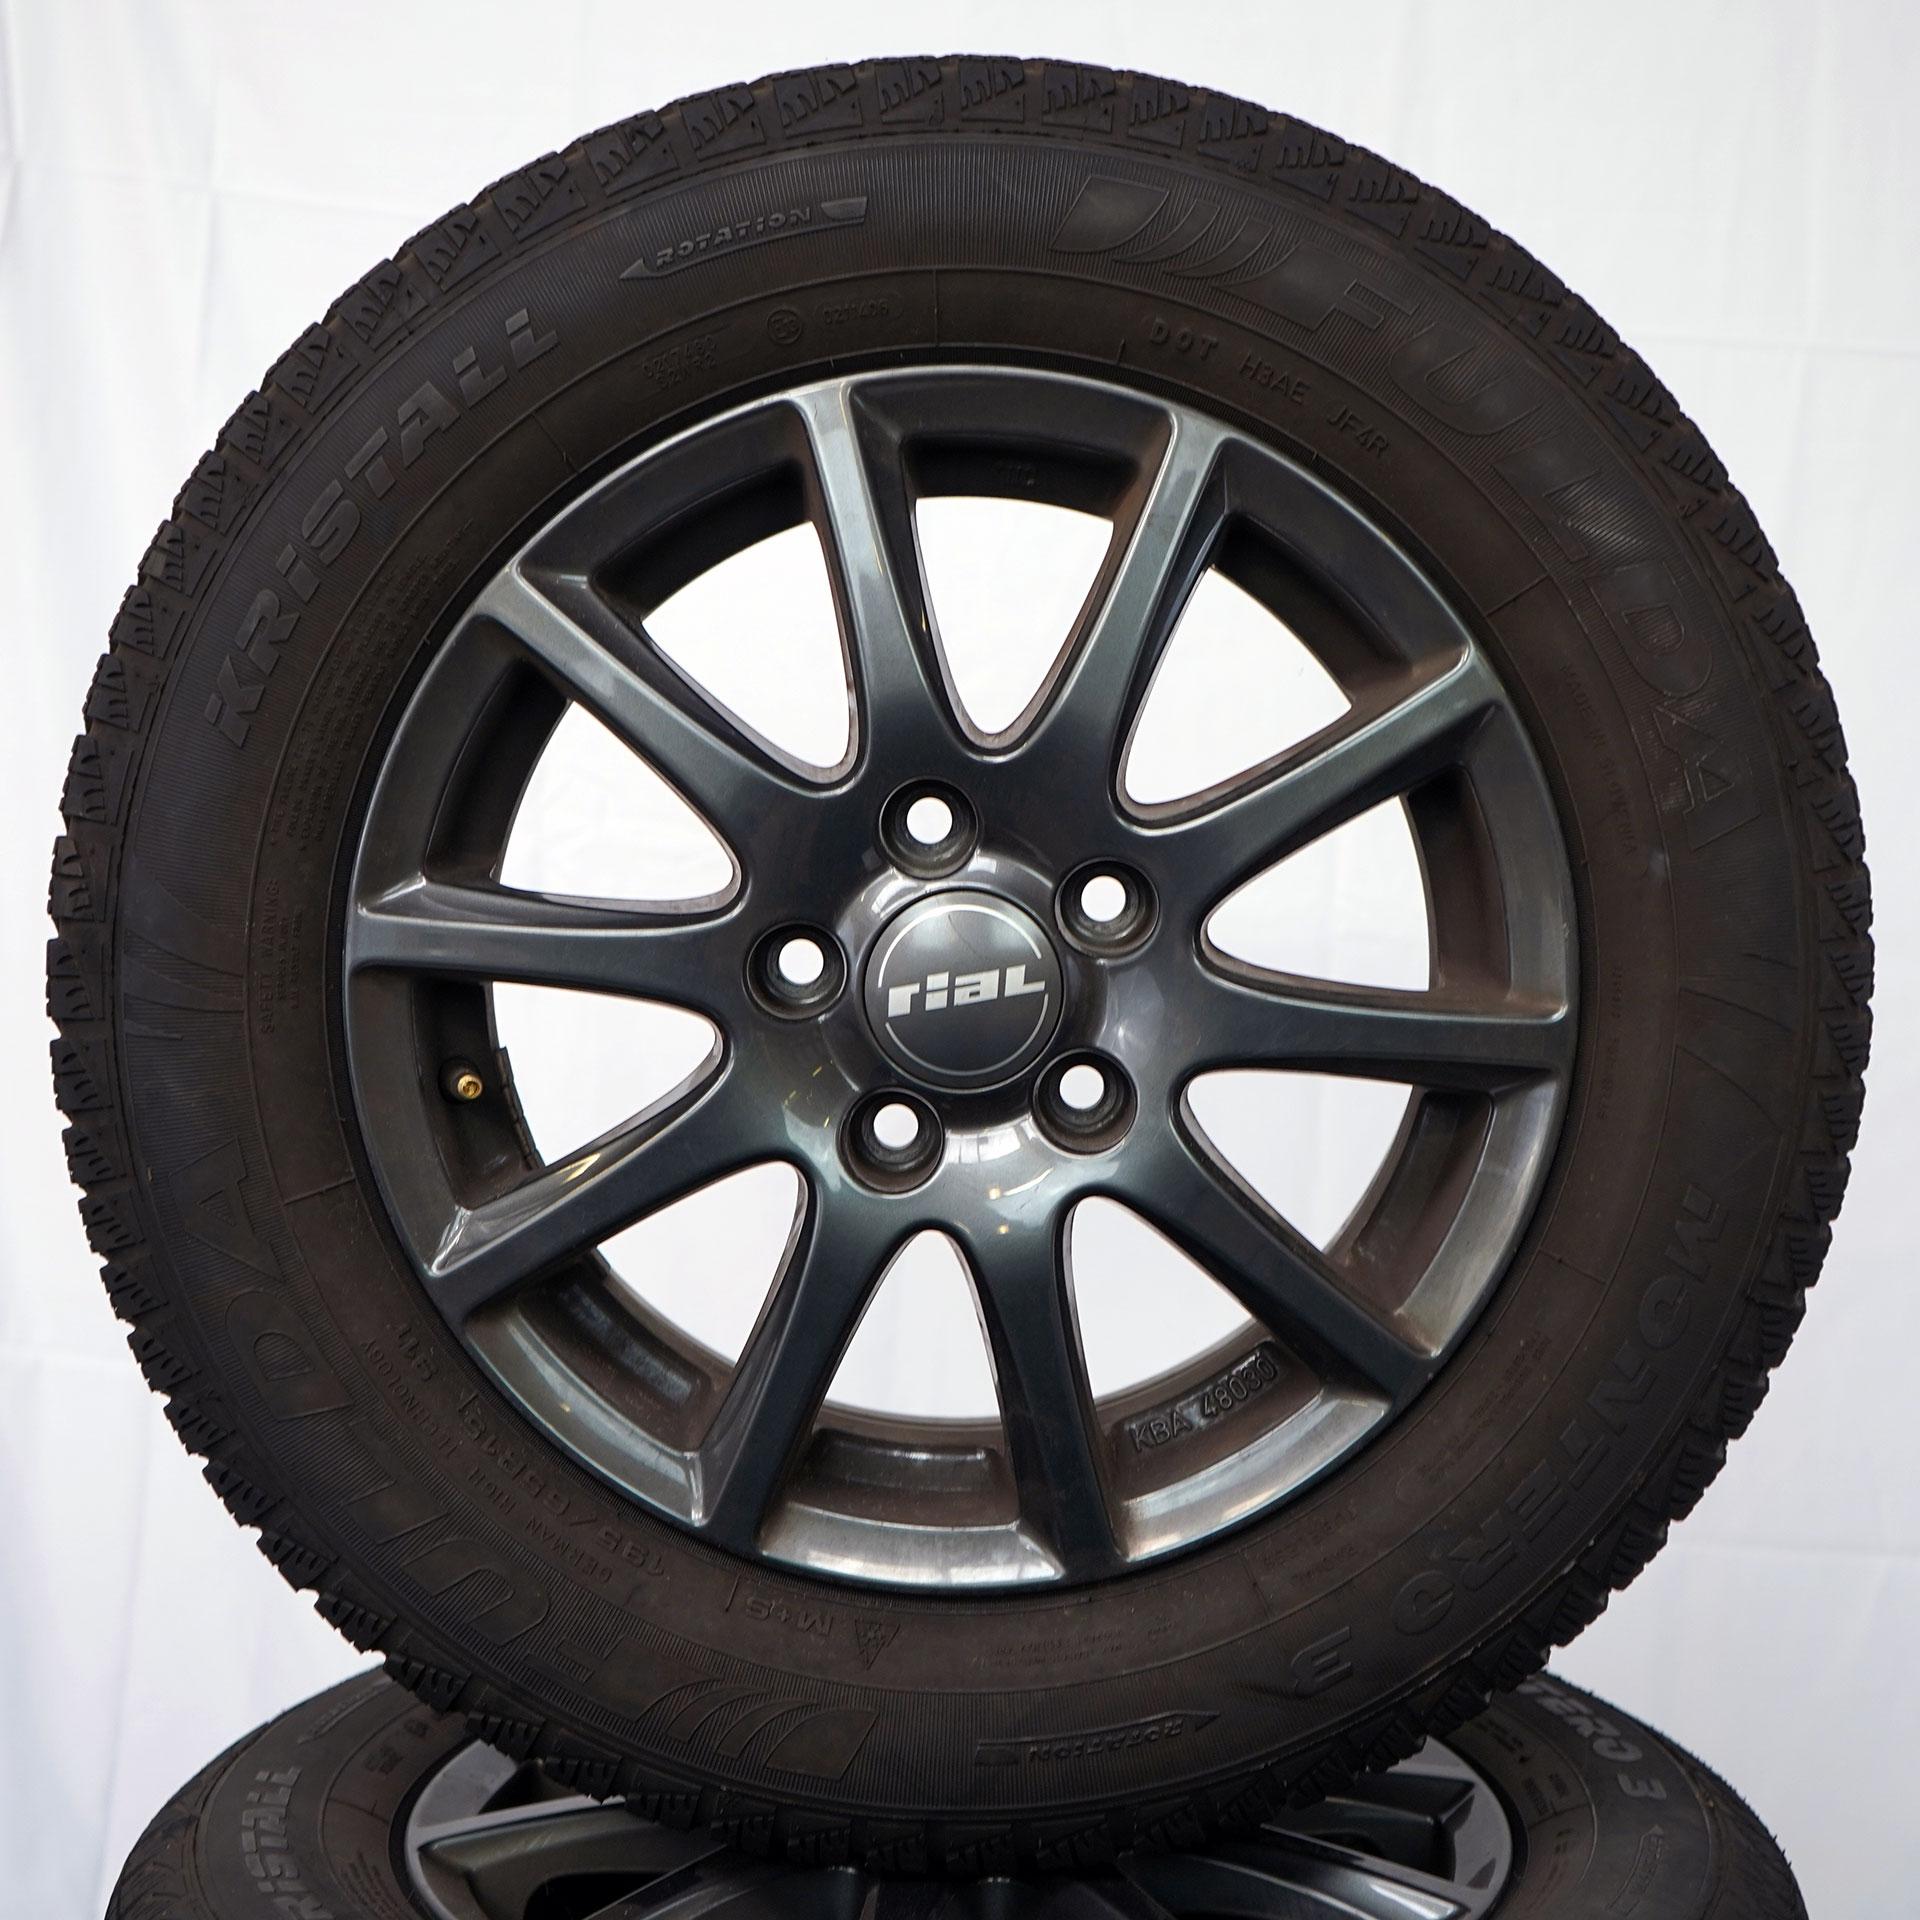 Gebrauchter 15 Zoll Rial Winterkomplettrad-Satz für Audi PEUGEOT Volkswagen Fulda